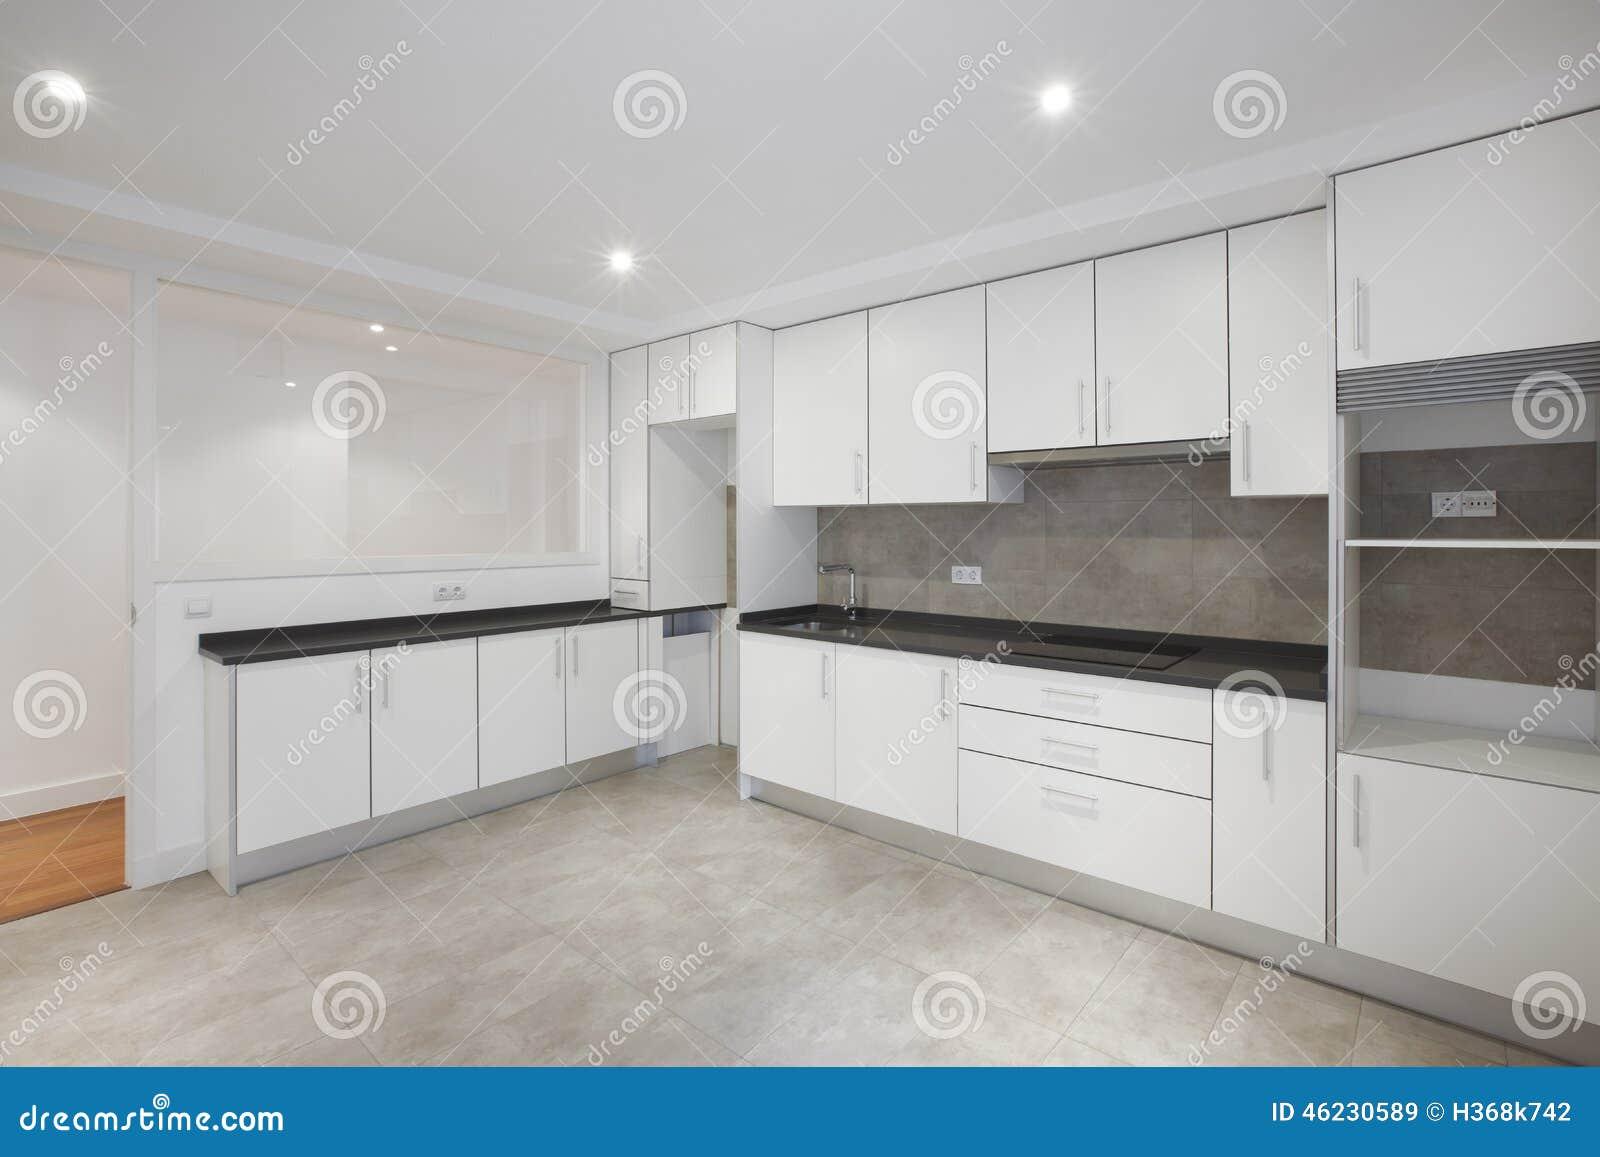 Cocina vac a de la casa con los muebles blancos foto de - Cocinas con muebles blancos ...